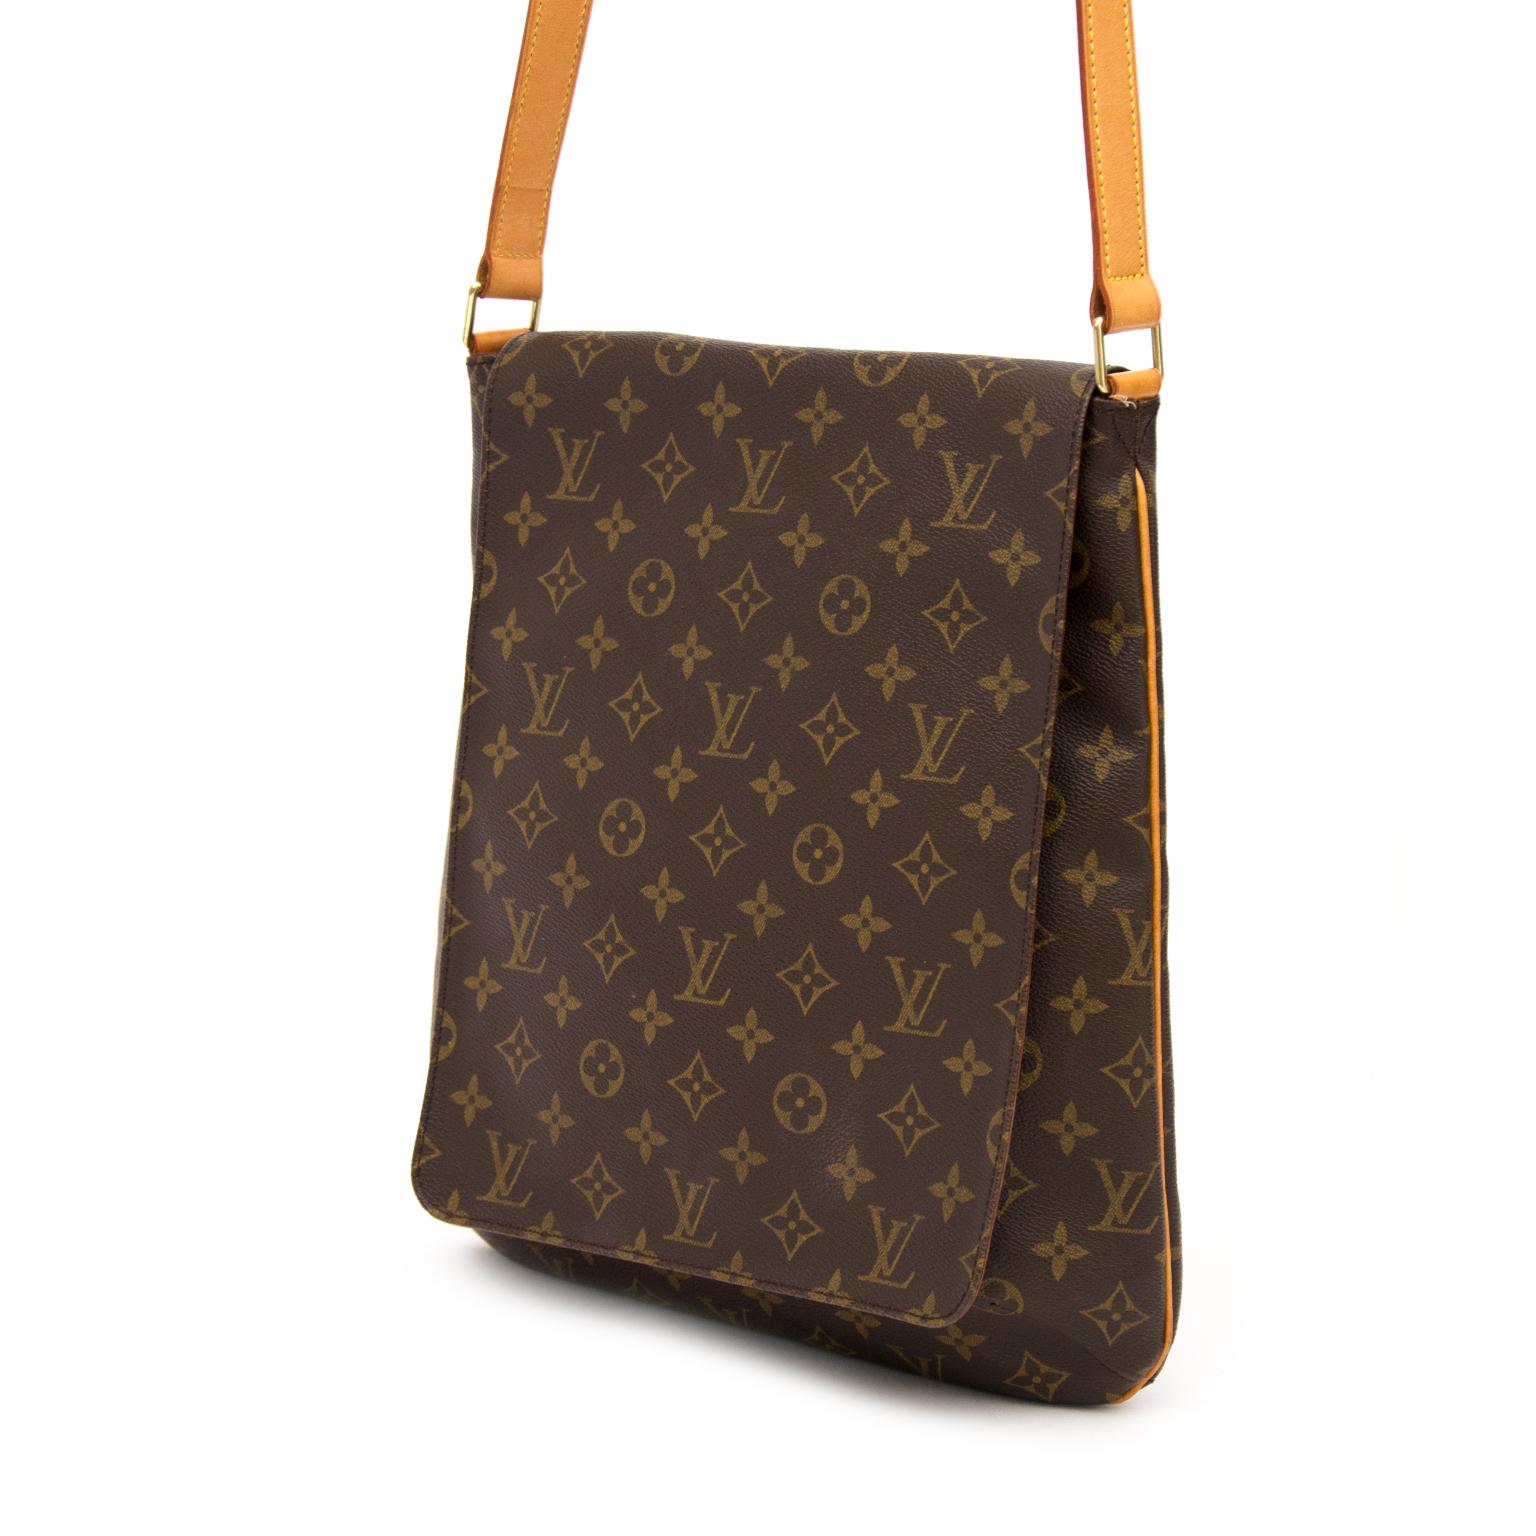 c331304d72e02 ... Wij kopen en verkopen uw designer handtassen aan de beste prijs bij  Labellov · Louis Vuitton